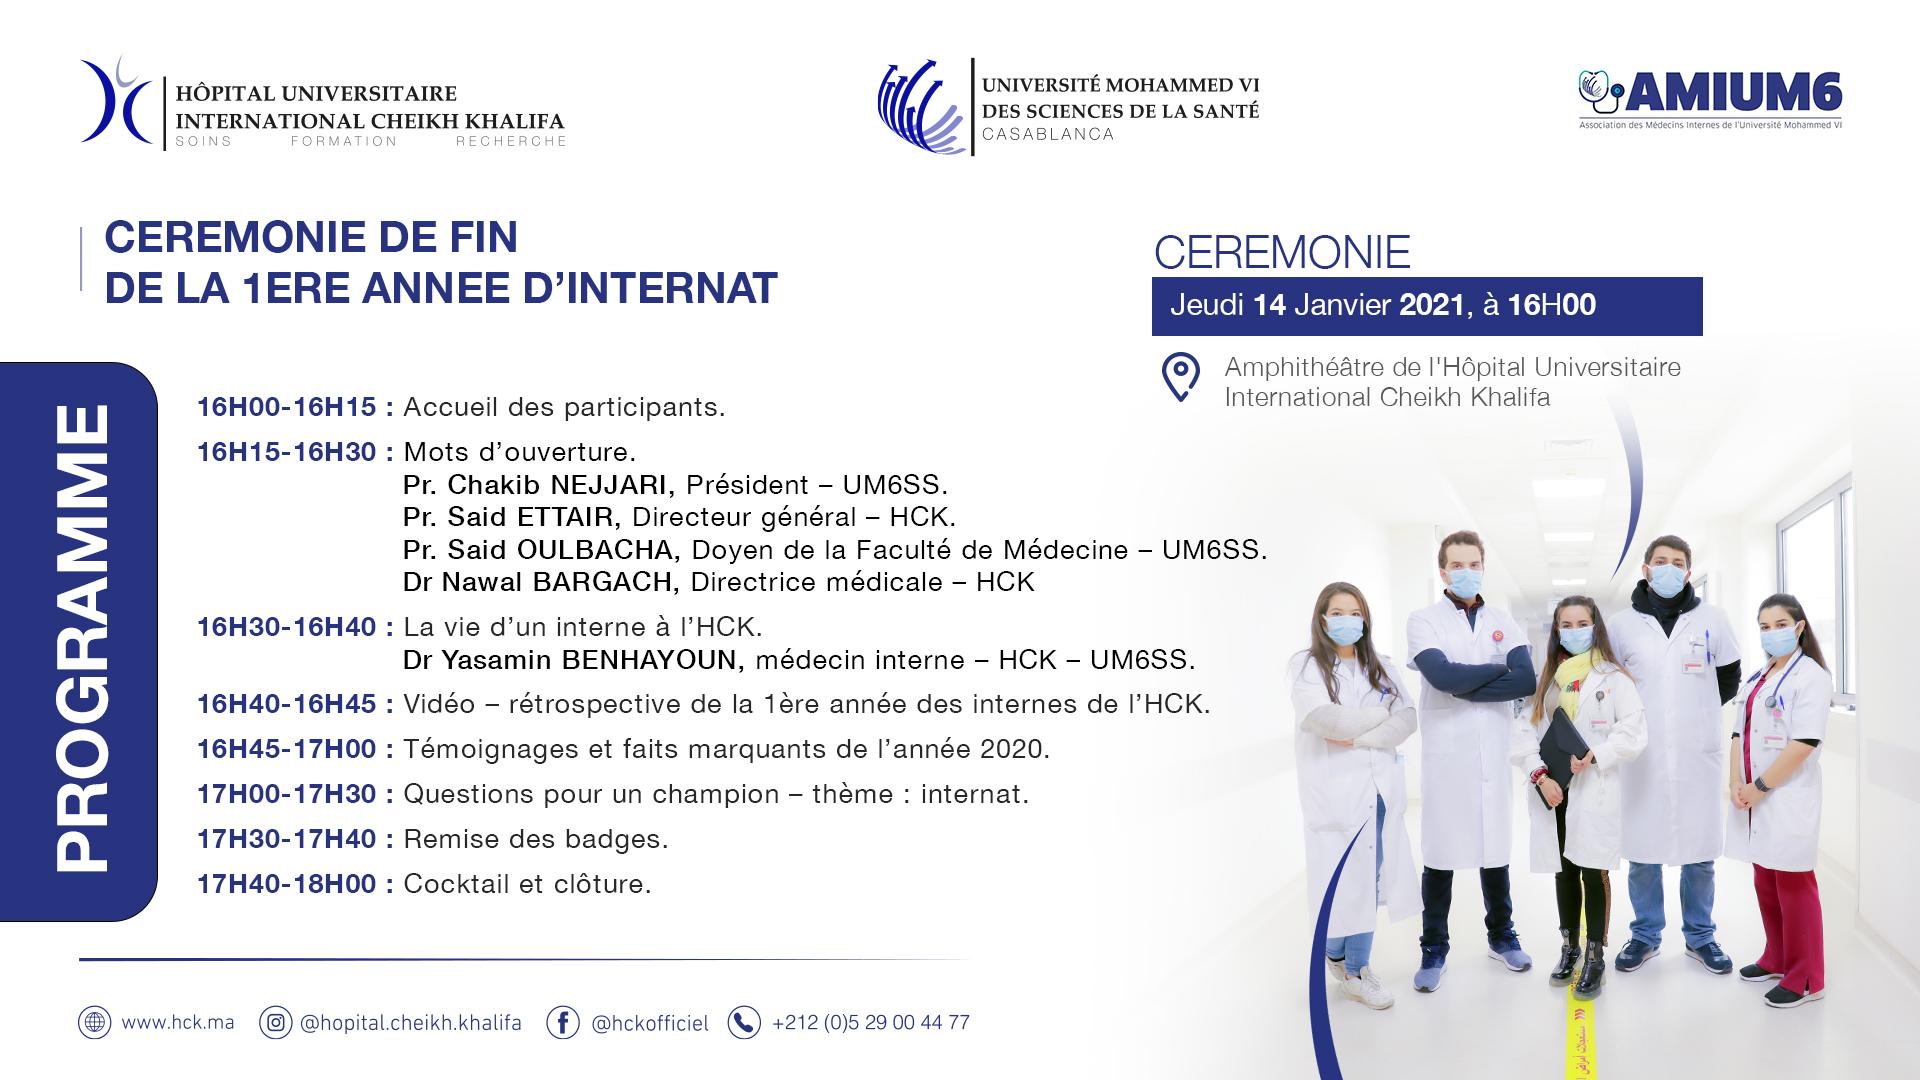 Programme_-_Ceremonie_-_14_janvier_2021